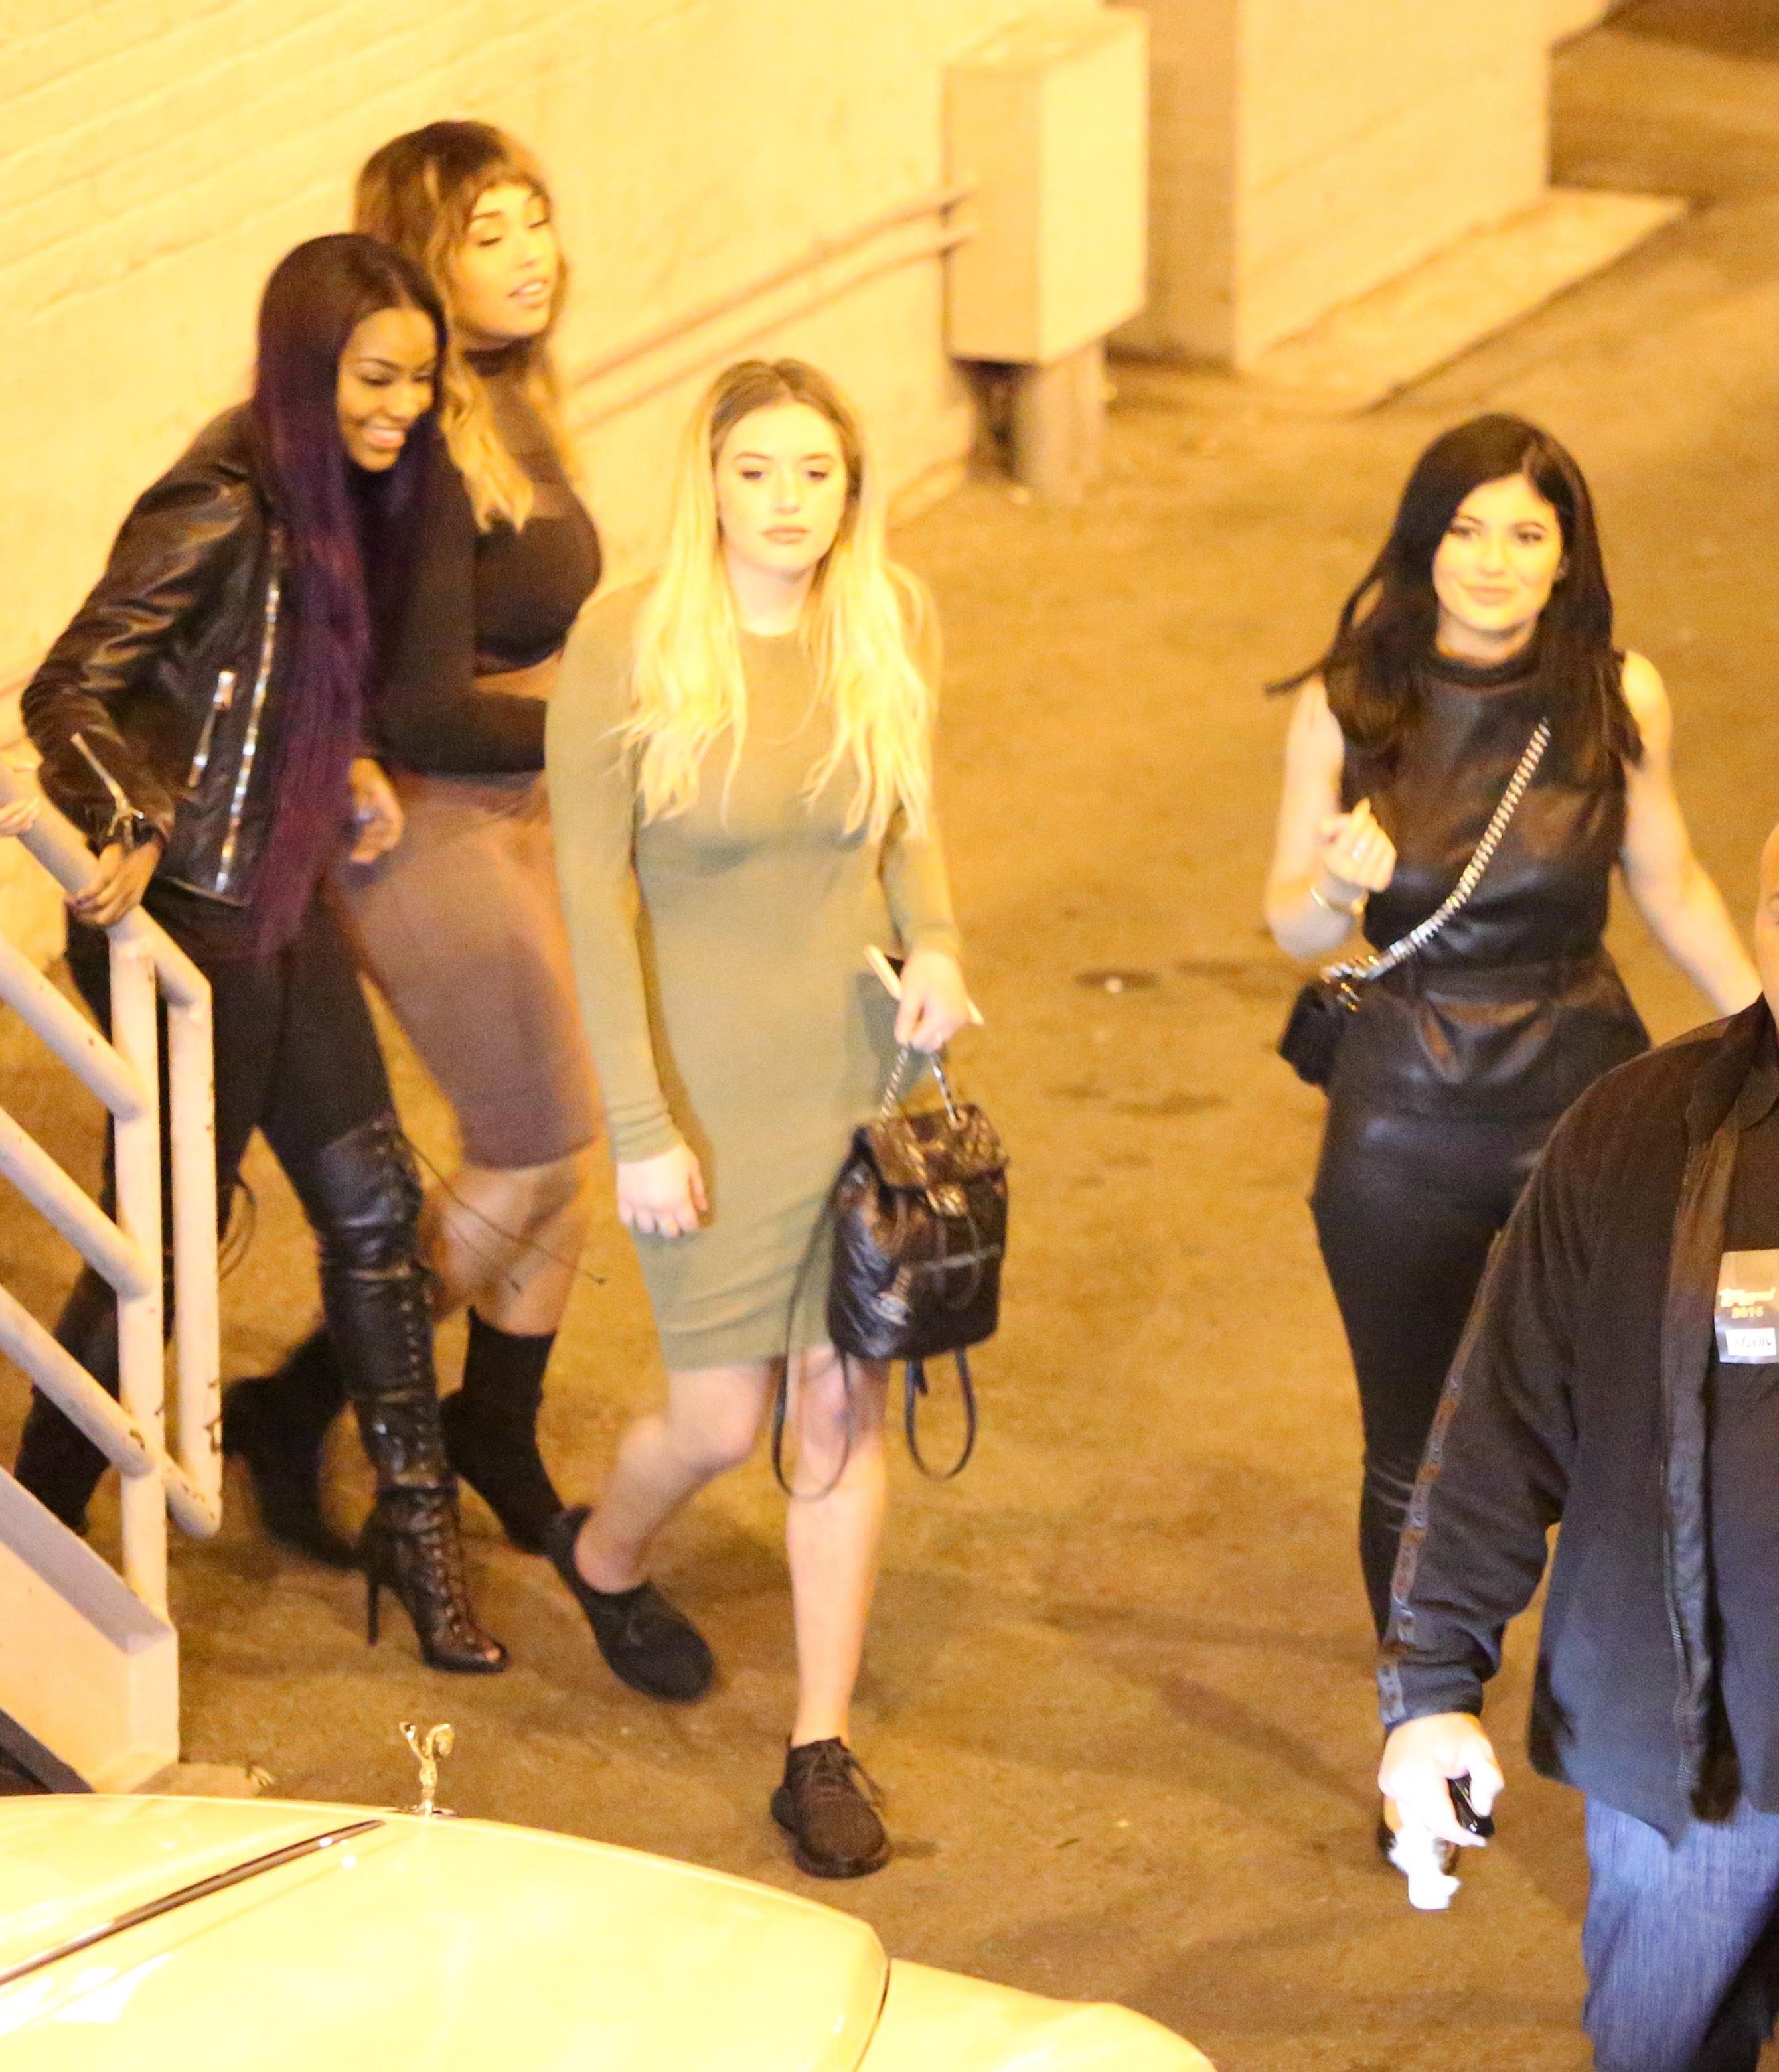 Bryson Tiller And Kylie: Kylie Jenner In Leather At Bryson Tiller Concert -15